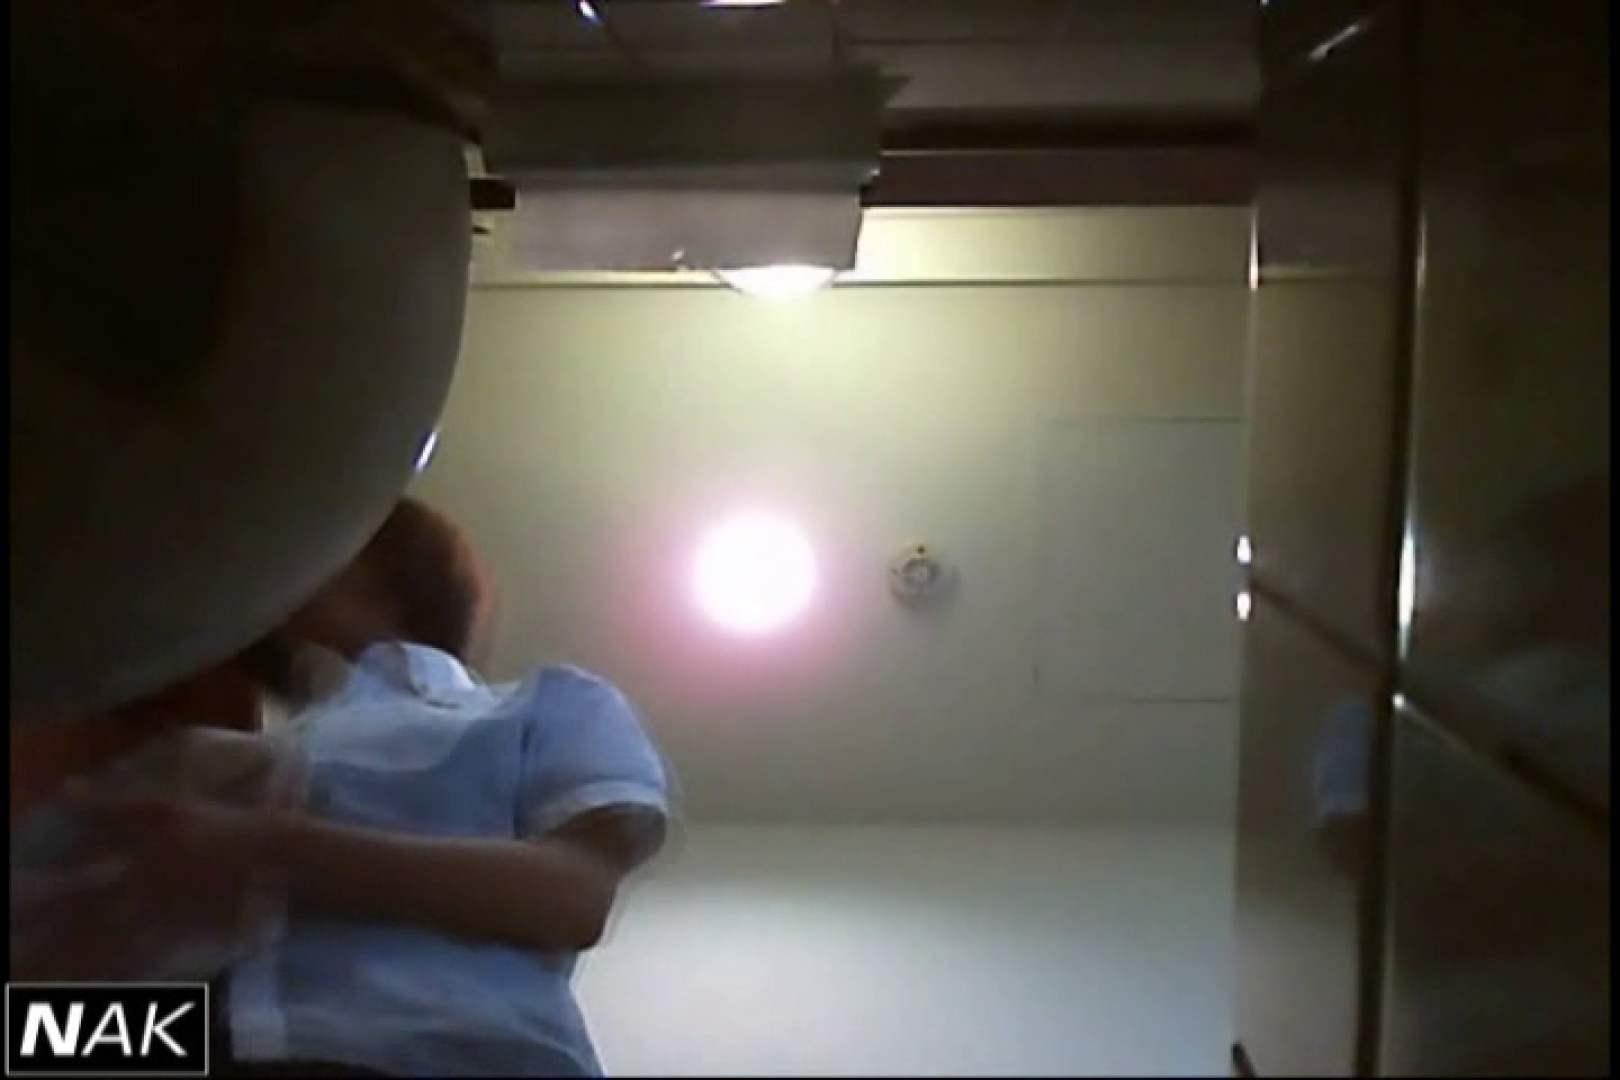 亀さんかわや VIP和式2カメバージョン! vol.14 和式 盗撮動画紹介 71枚 44